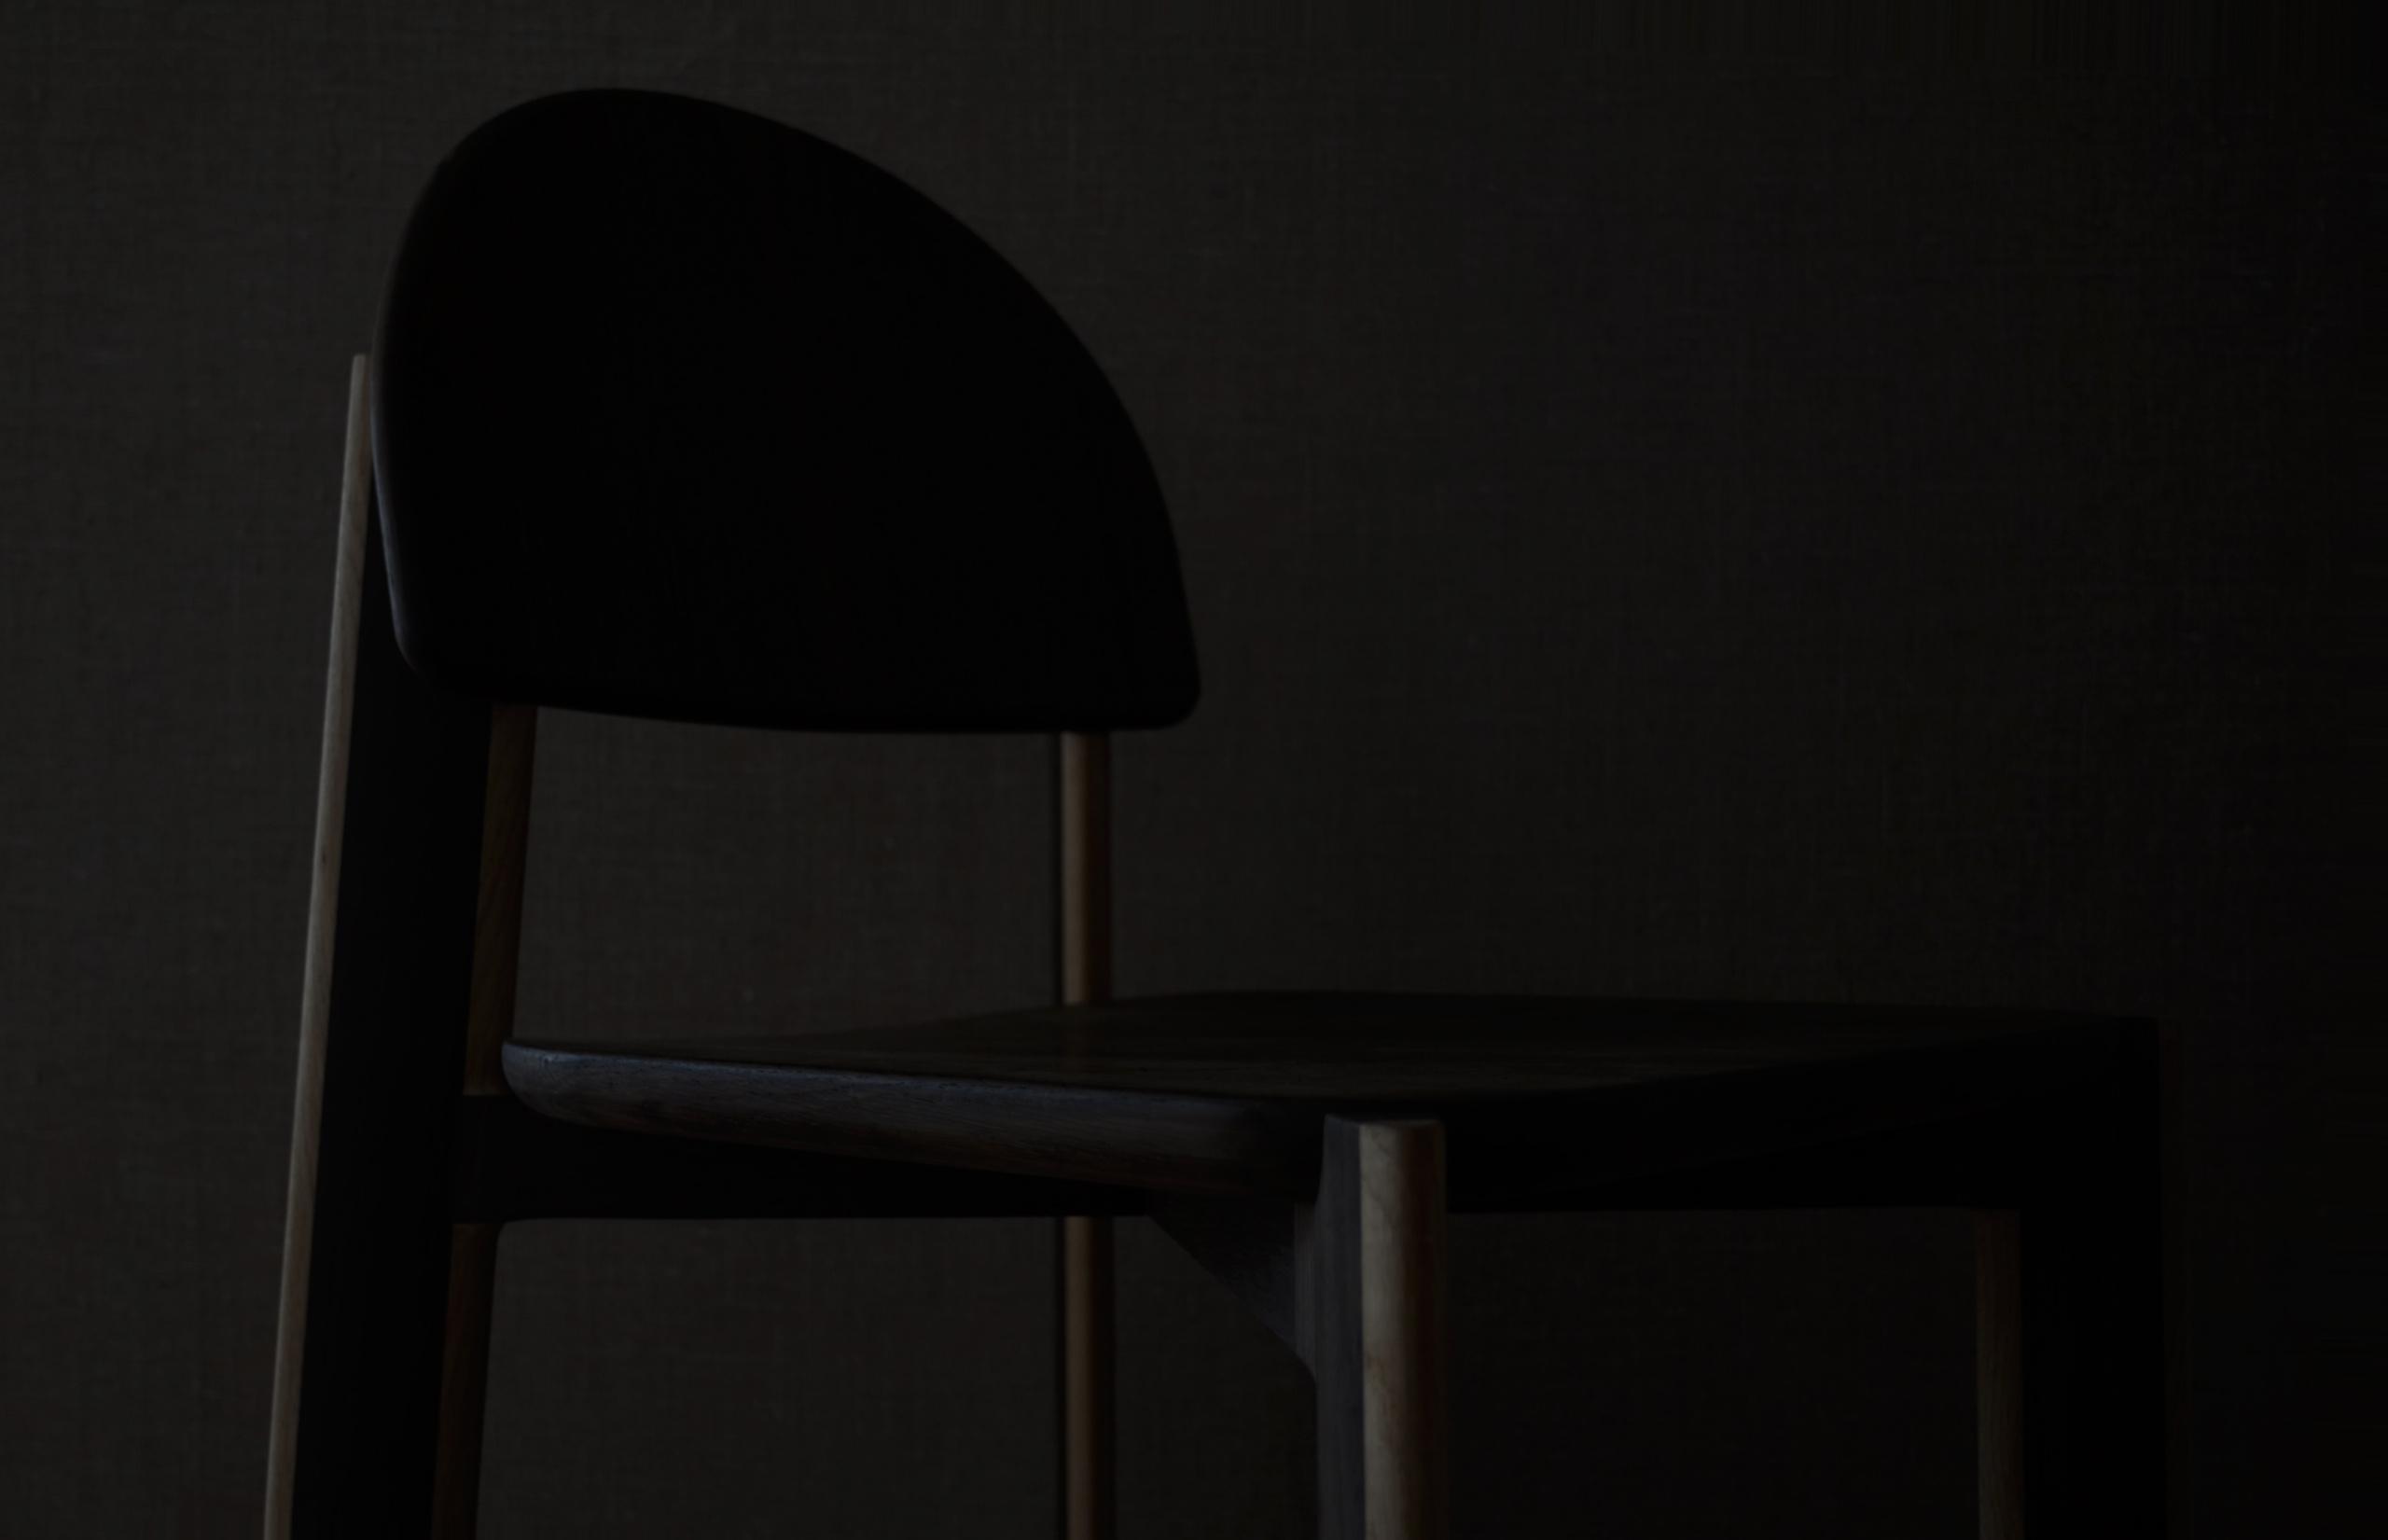 Aviaaja Ezekiassen: Paddle Chair